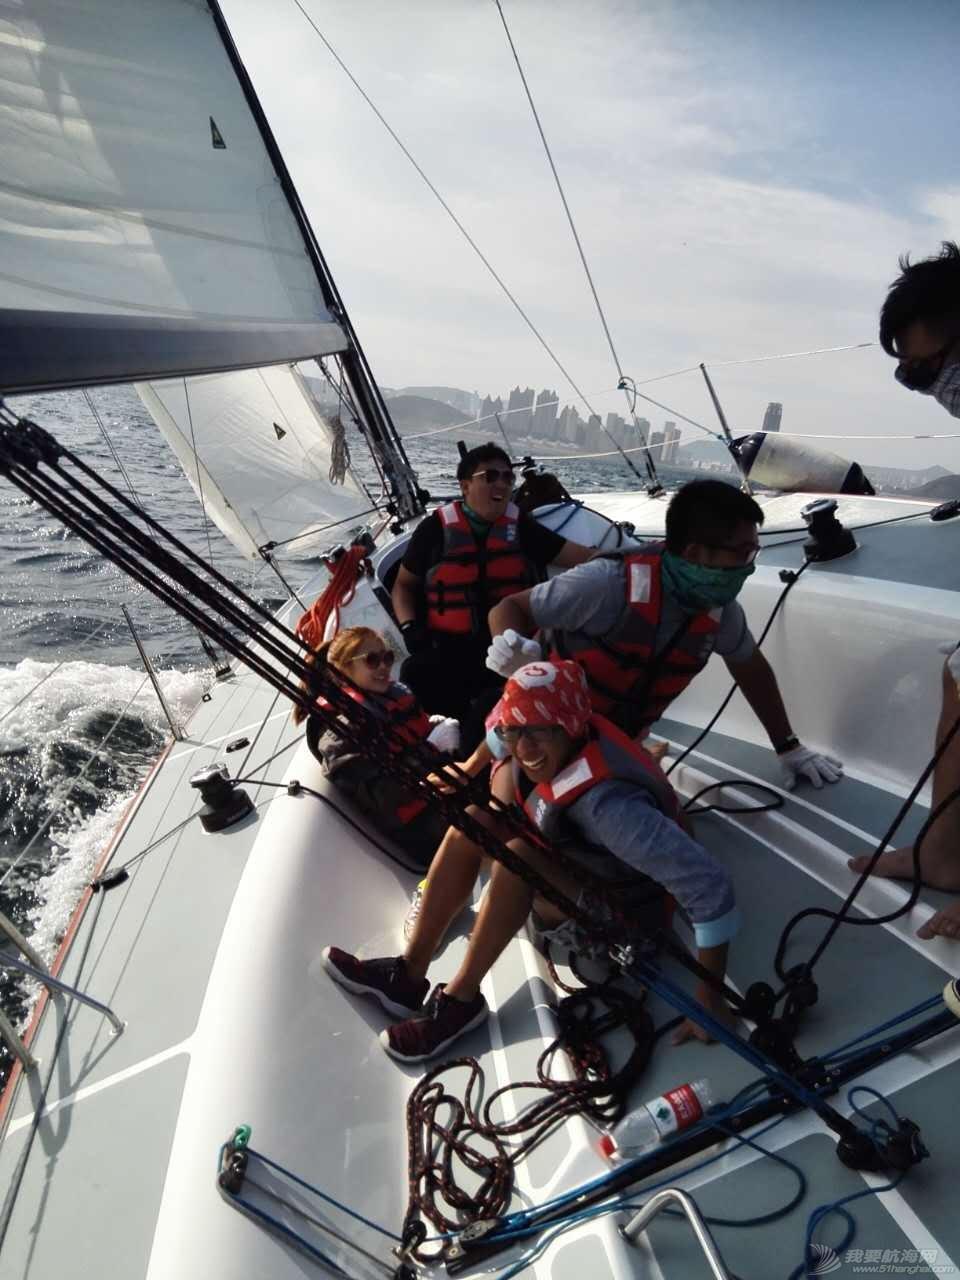 俱乐部,航海家,启航,永恒 这是一群快乐的群体 IMG_4909.JPG